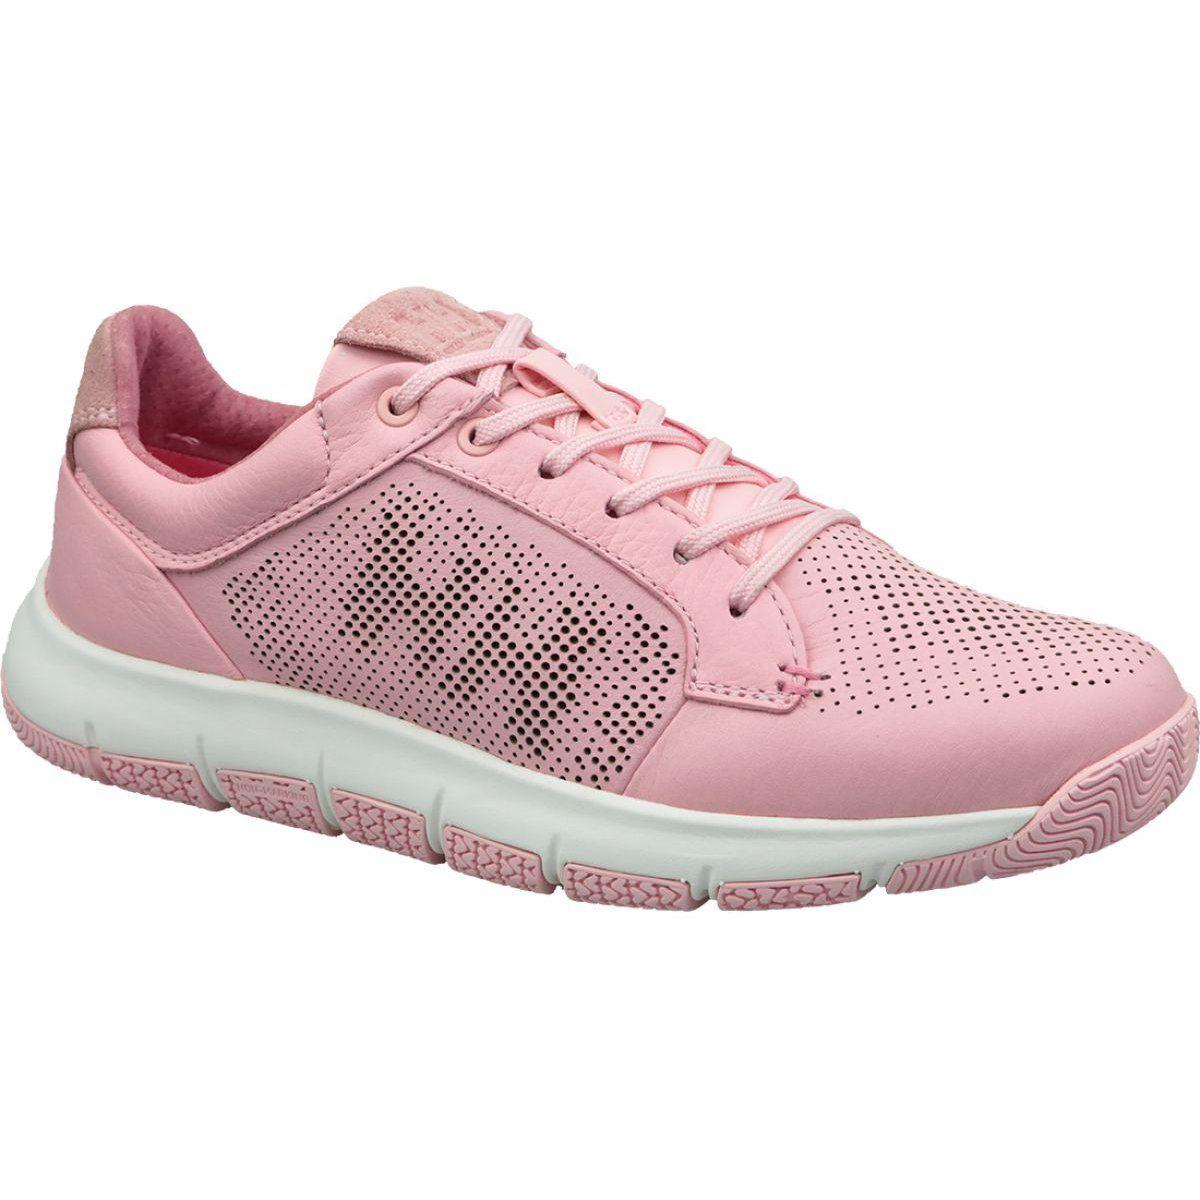 Buty Helly Hansen Skagen Pier Leather Shoe W 11471 181 Rozowe Leather Shoes Leather Shoes